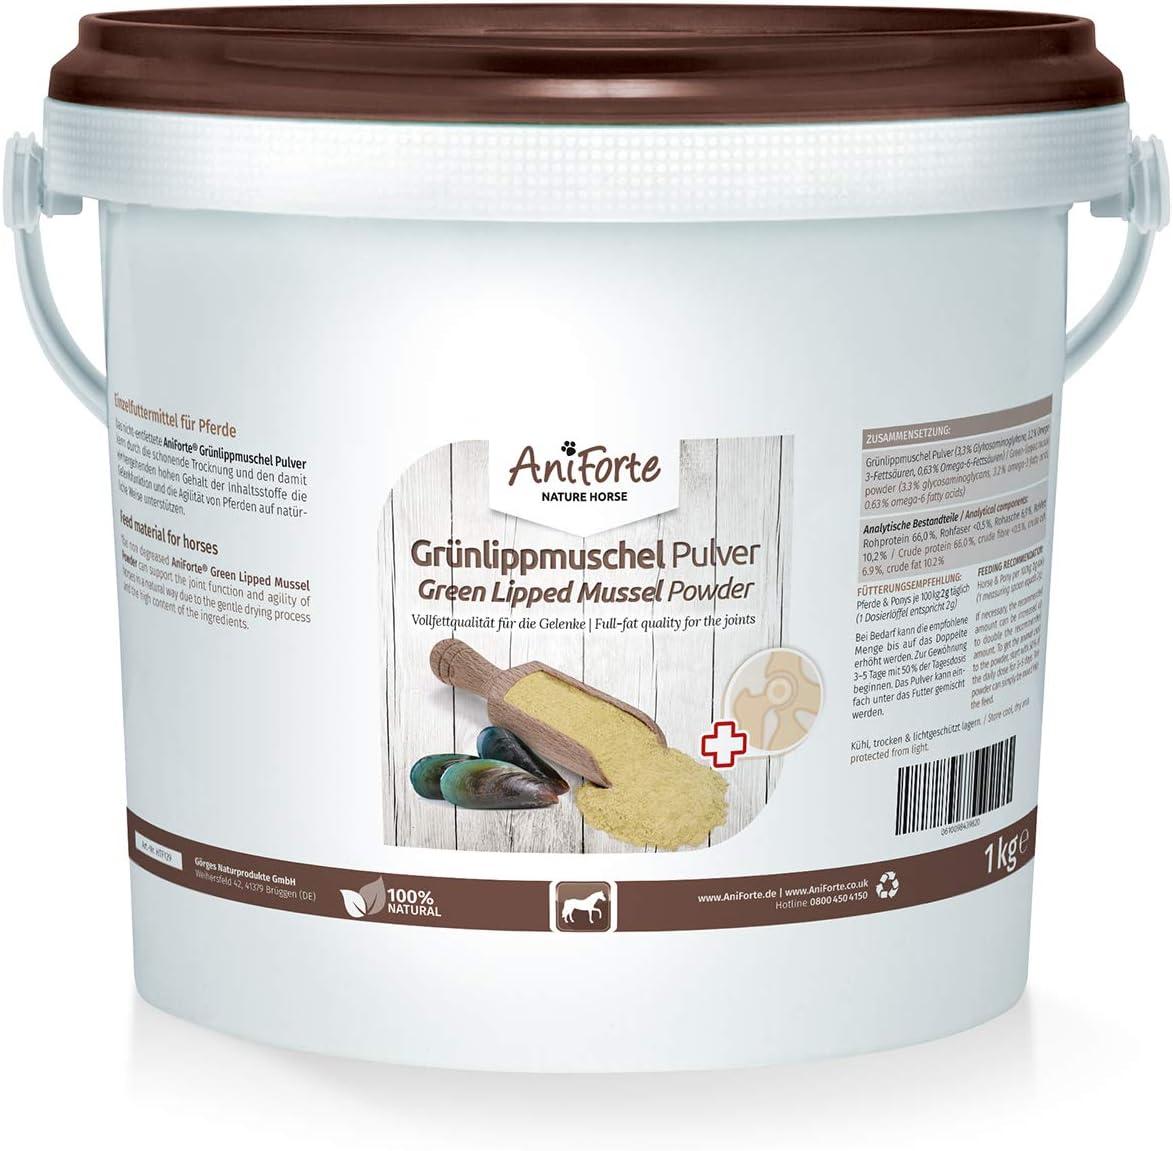 AniForte Verde lipp Conchas de Polvo 1kg de Producto Natural para Caballos